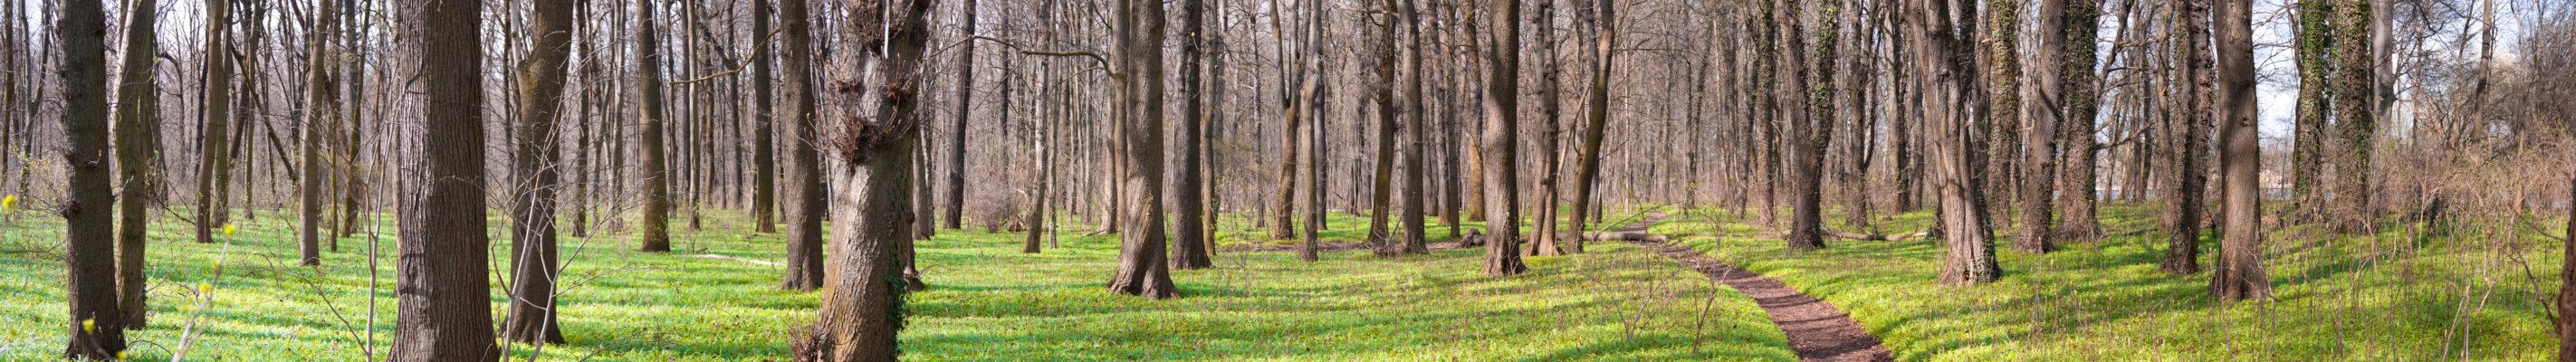 Wandmotiv Frühling im Plänterwald